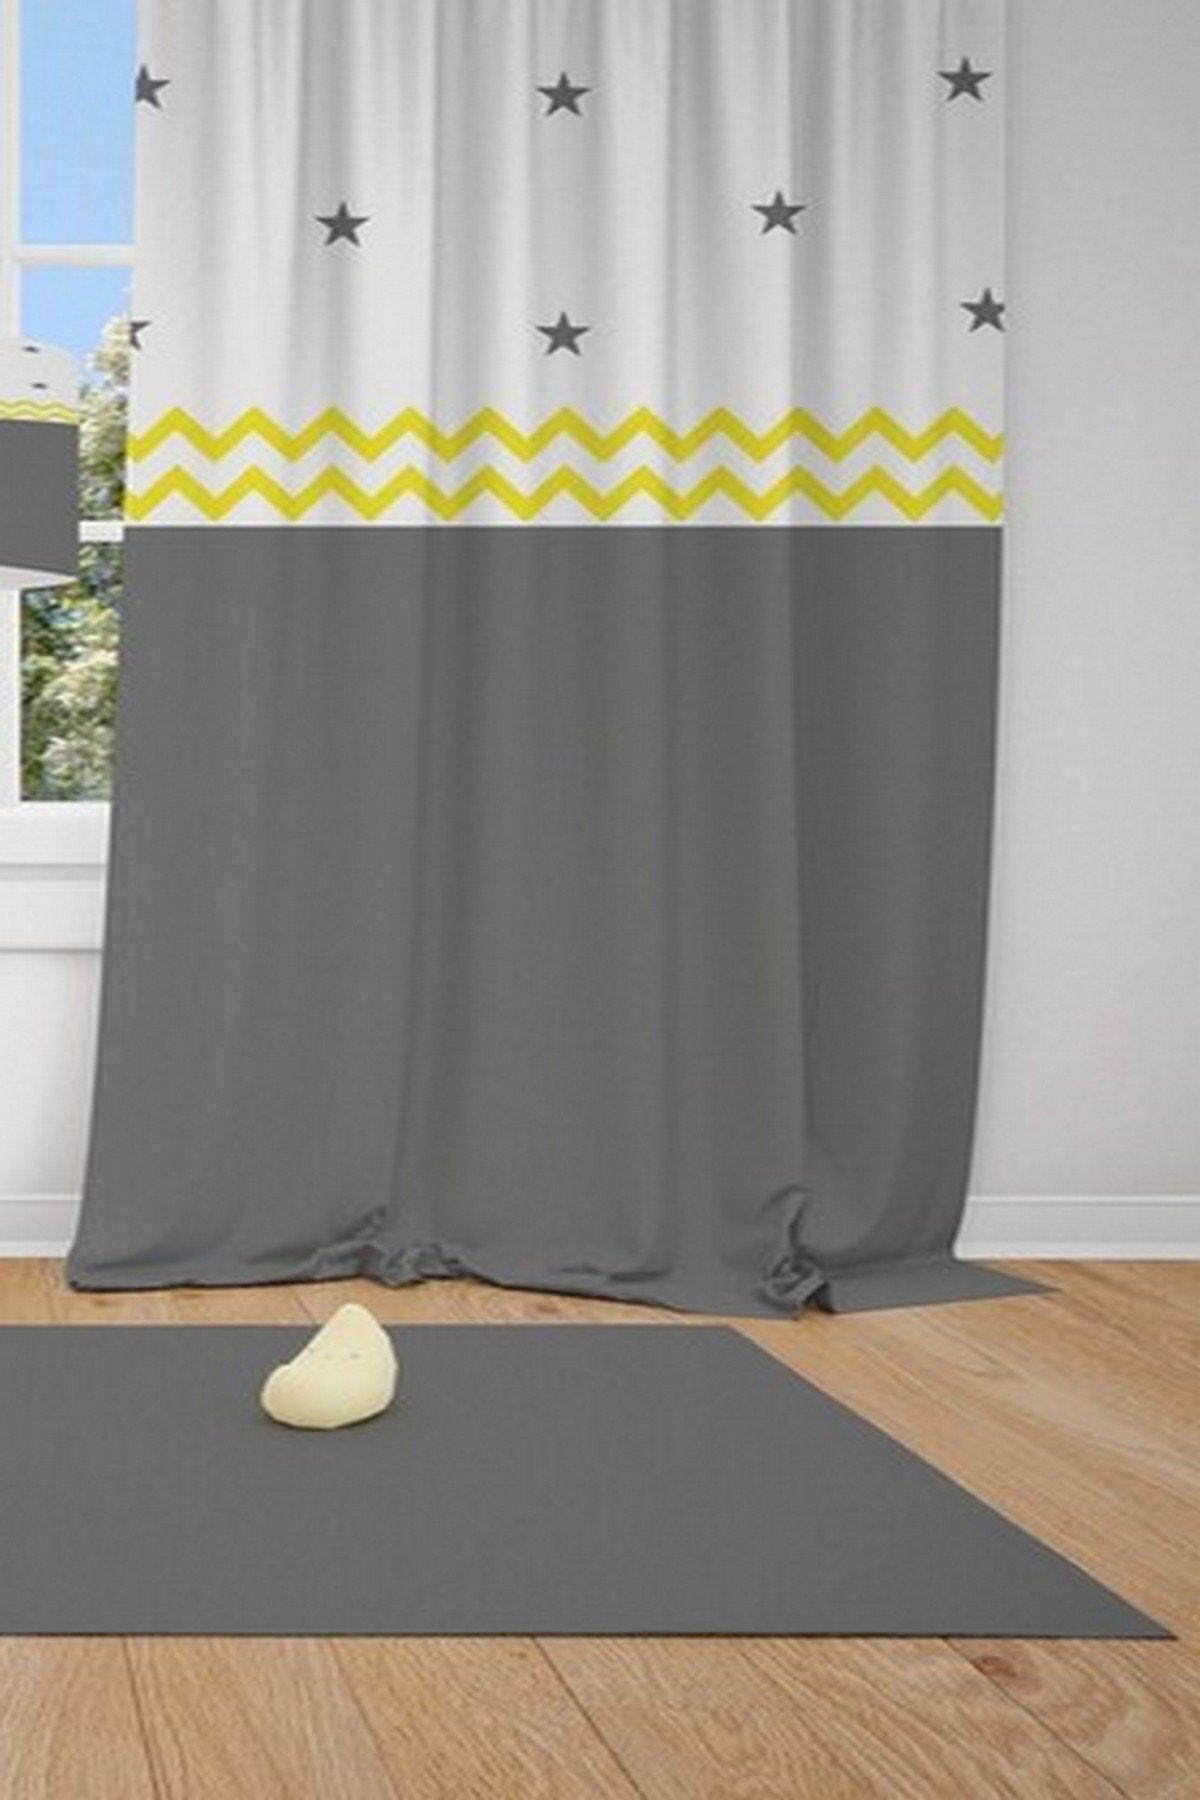 CİCİ TASARIM ÜRÜNLERİ 1 Kanat Sarı Dalgalı Şerit Gri Beyaz Desen Çocuk Bebek Odası Perdesi Fon Perde 1